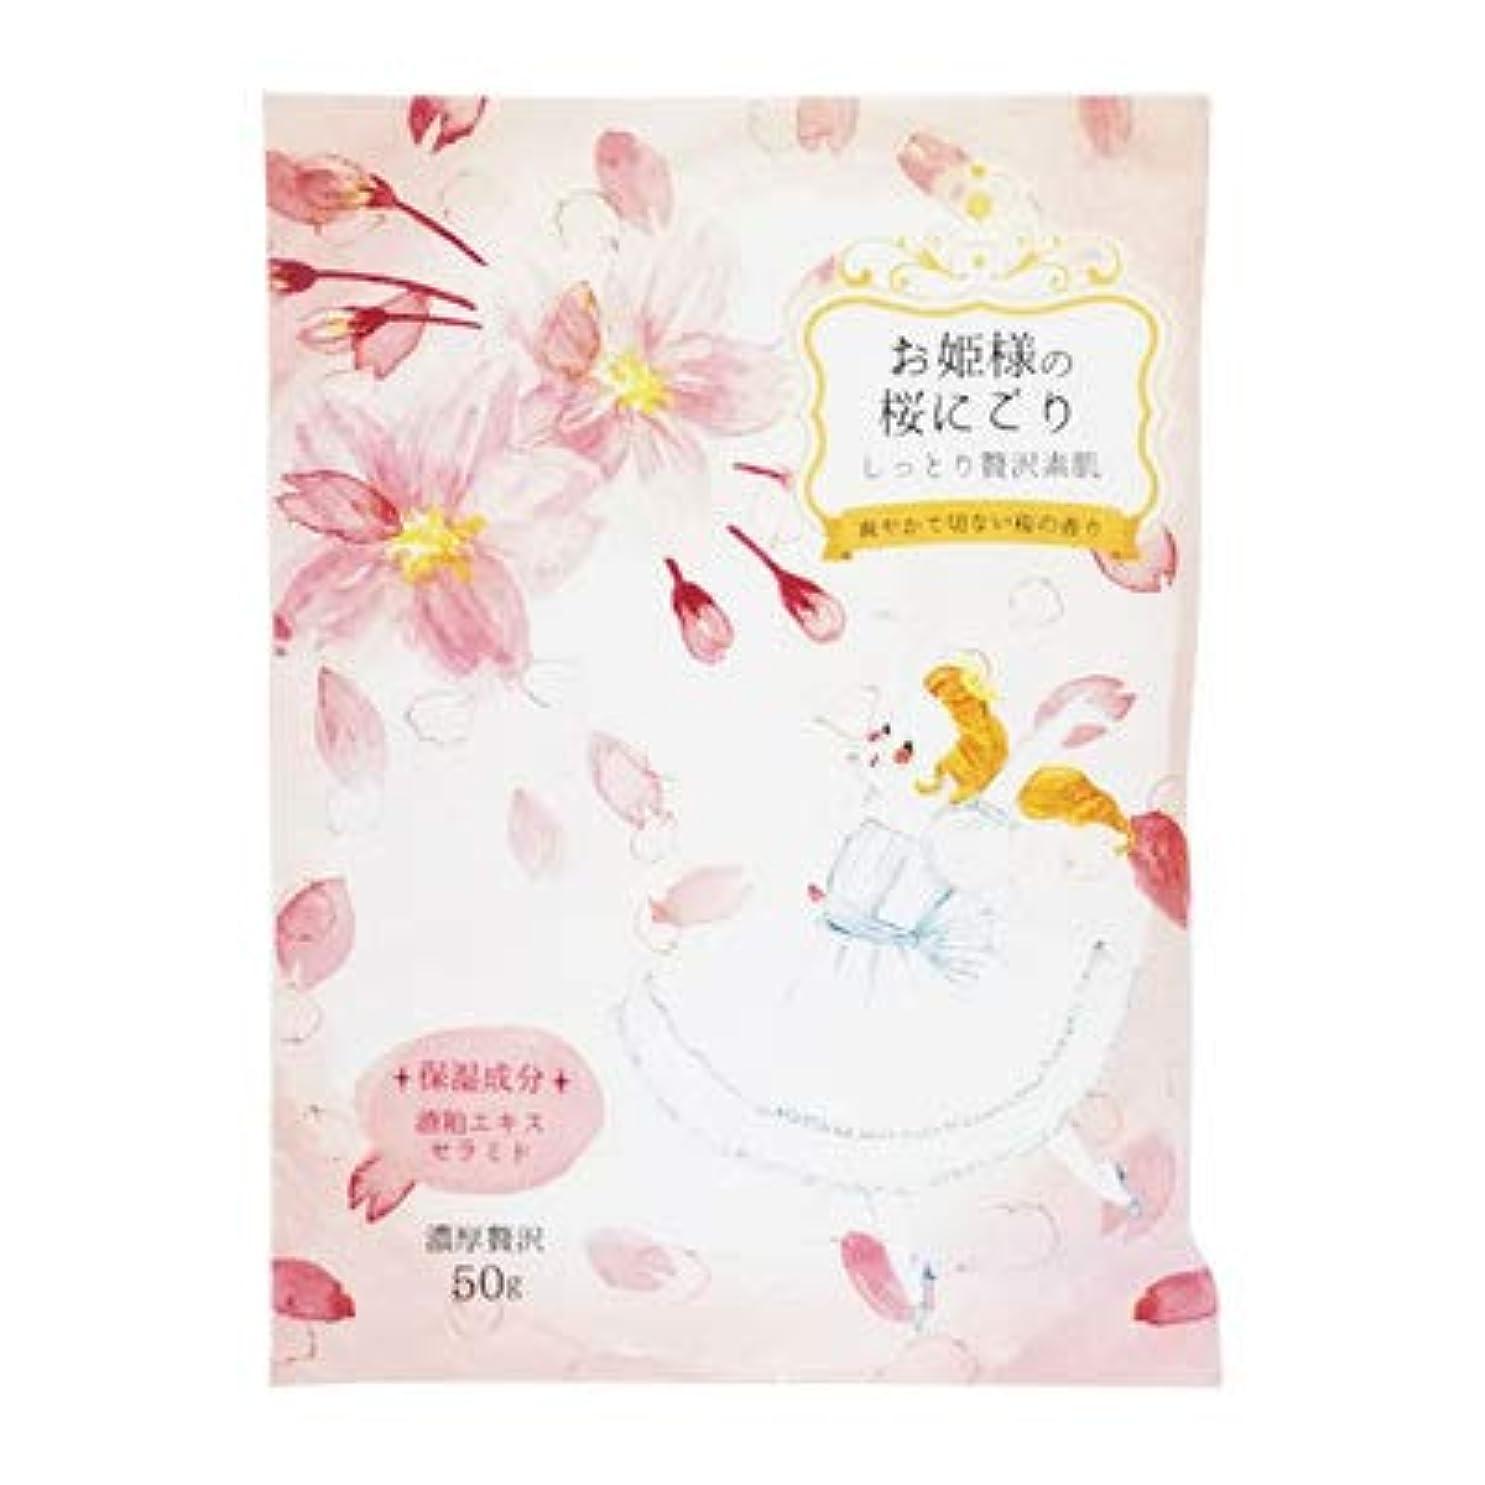 凶暴なモチーフ柔らかさ【まとめ買い3個セット】 お姫様風呂 桜にごり